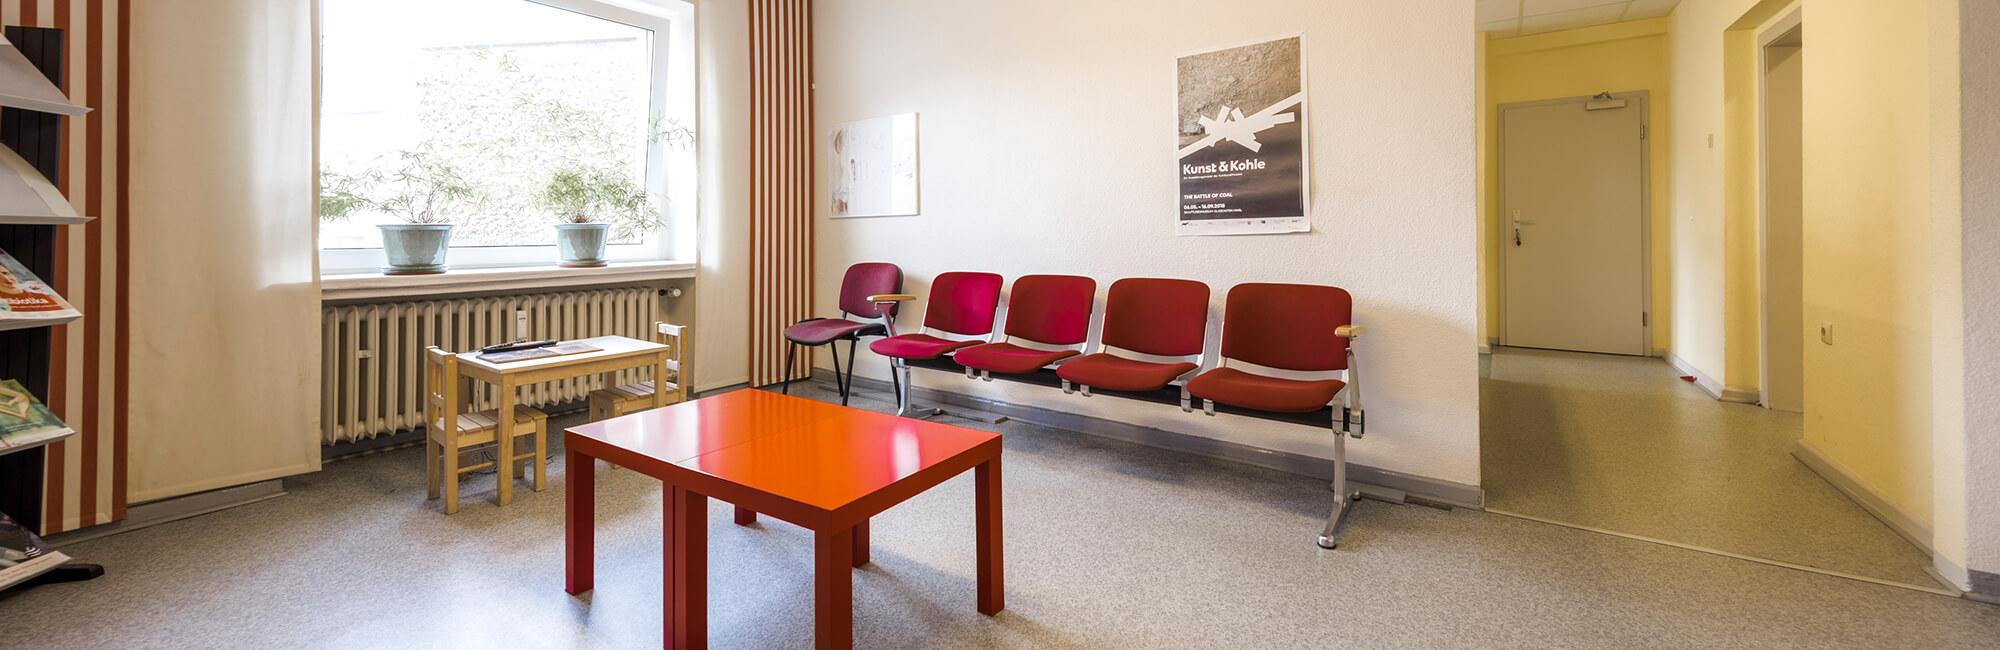 Hausarzt-Bochum-Triebel-Slider Praxis